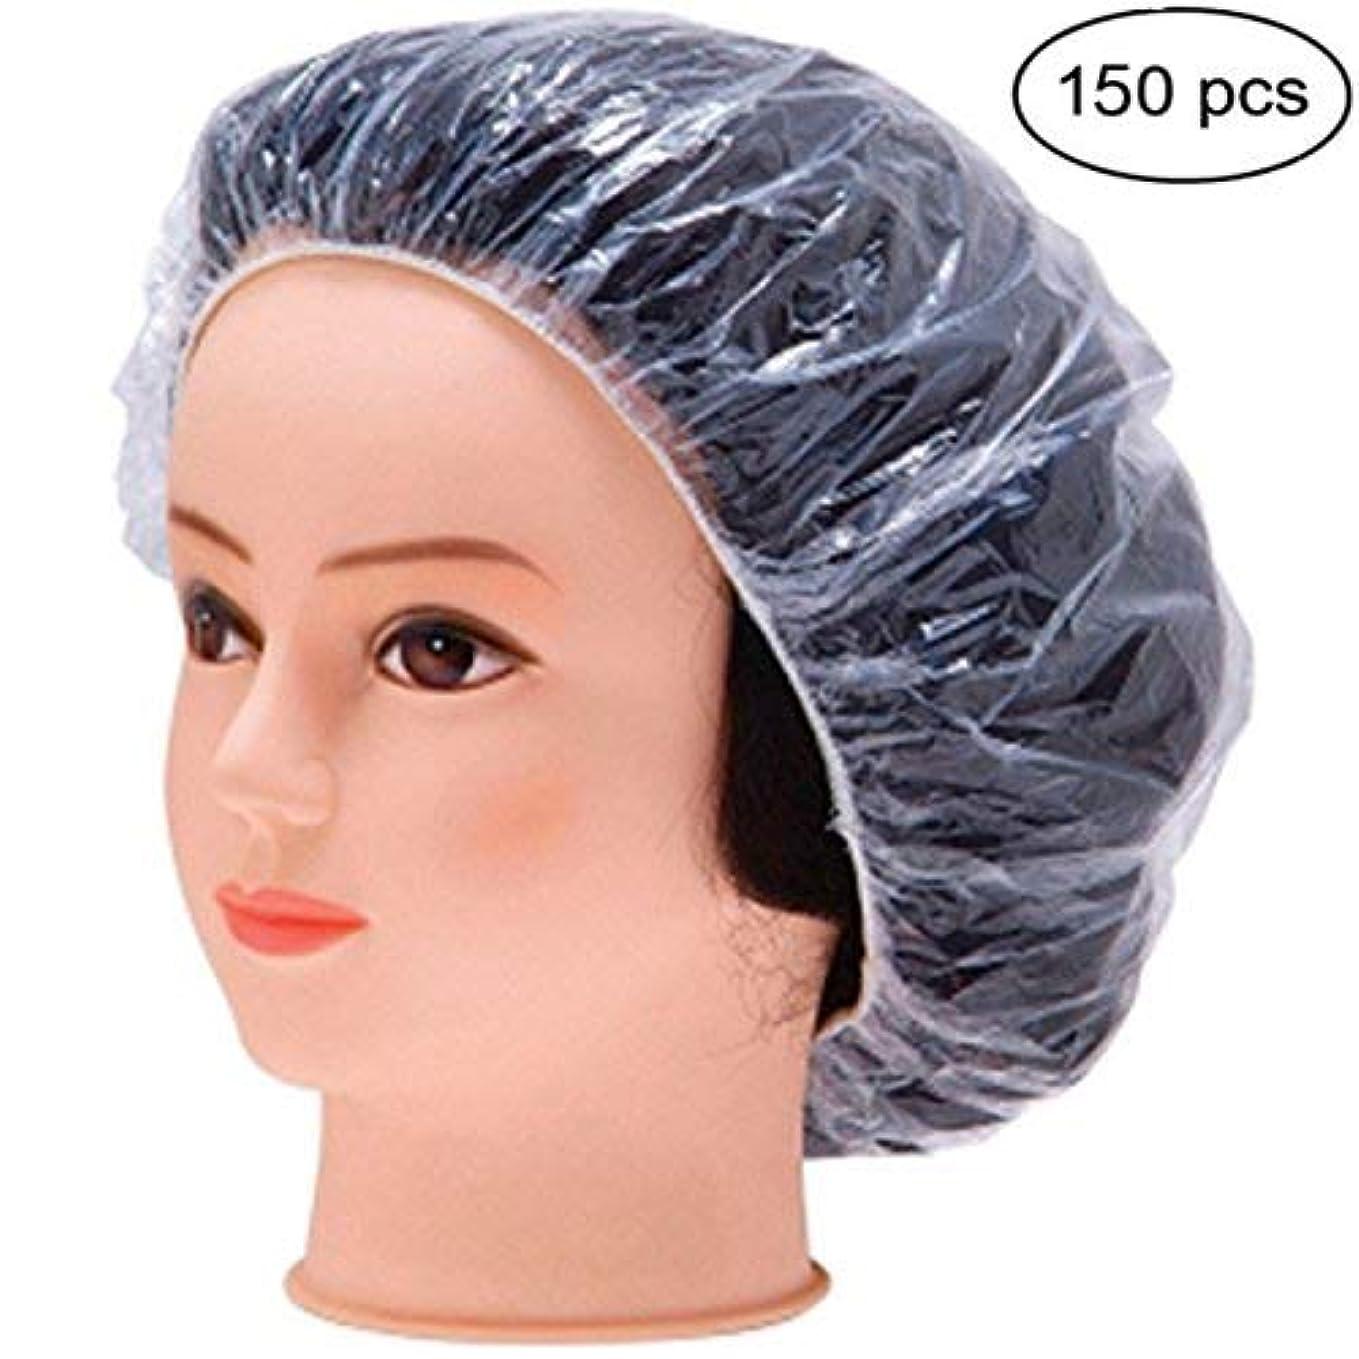 探すの頭の上距離使い捨て シャワーキャップ 150枚入り プロワーク ヘアキャップ 防水透明プラスチック製シャワーキャップ 、弾性の水浴帽子、加工帽子、女性の美容帽ダストハットスパ、ヘアサロン、ホームユースホテル等で使用